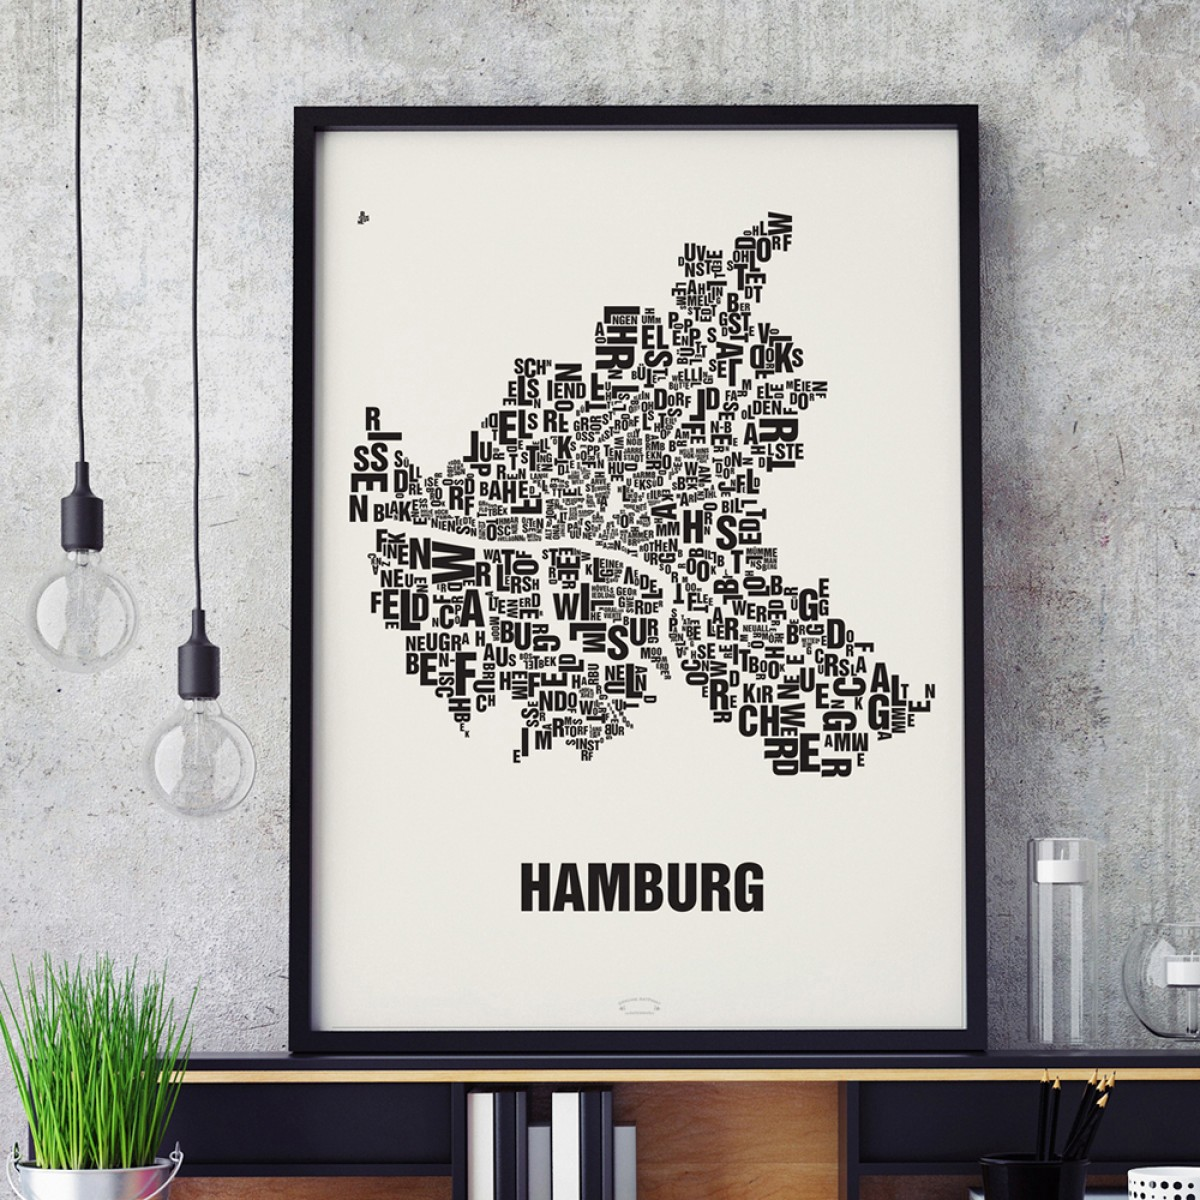 Buchstabenort Hamburg Poster Typografie Siebdruck